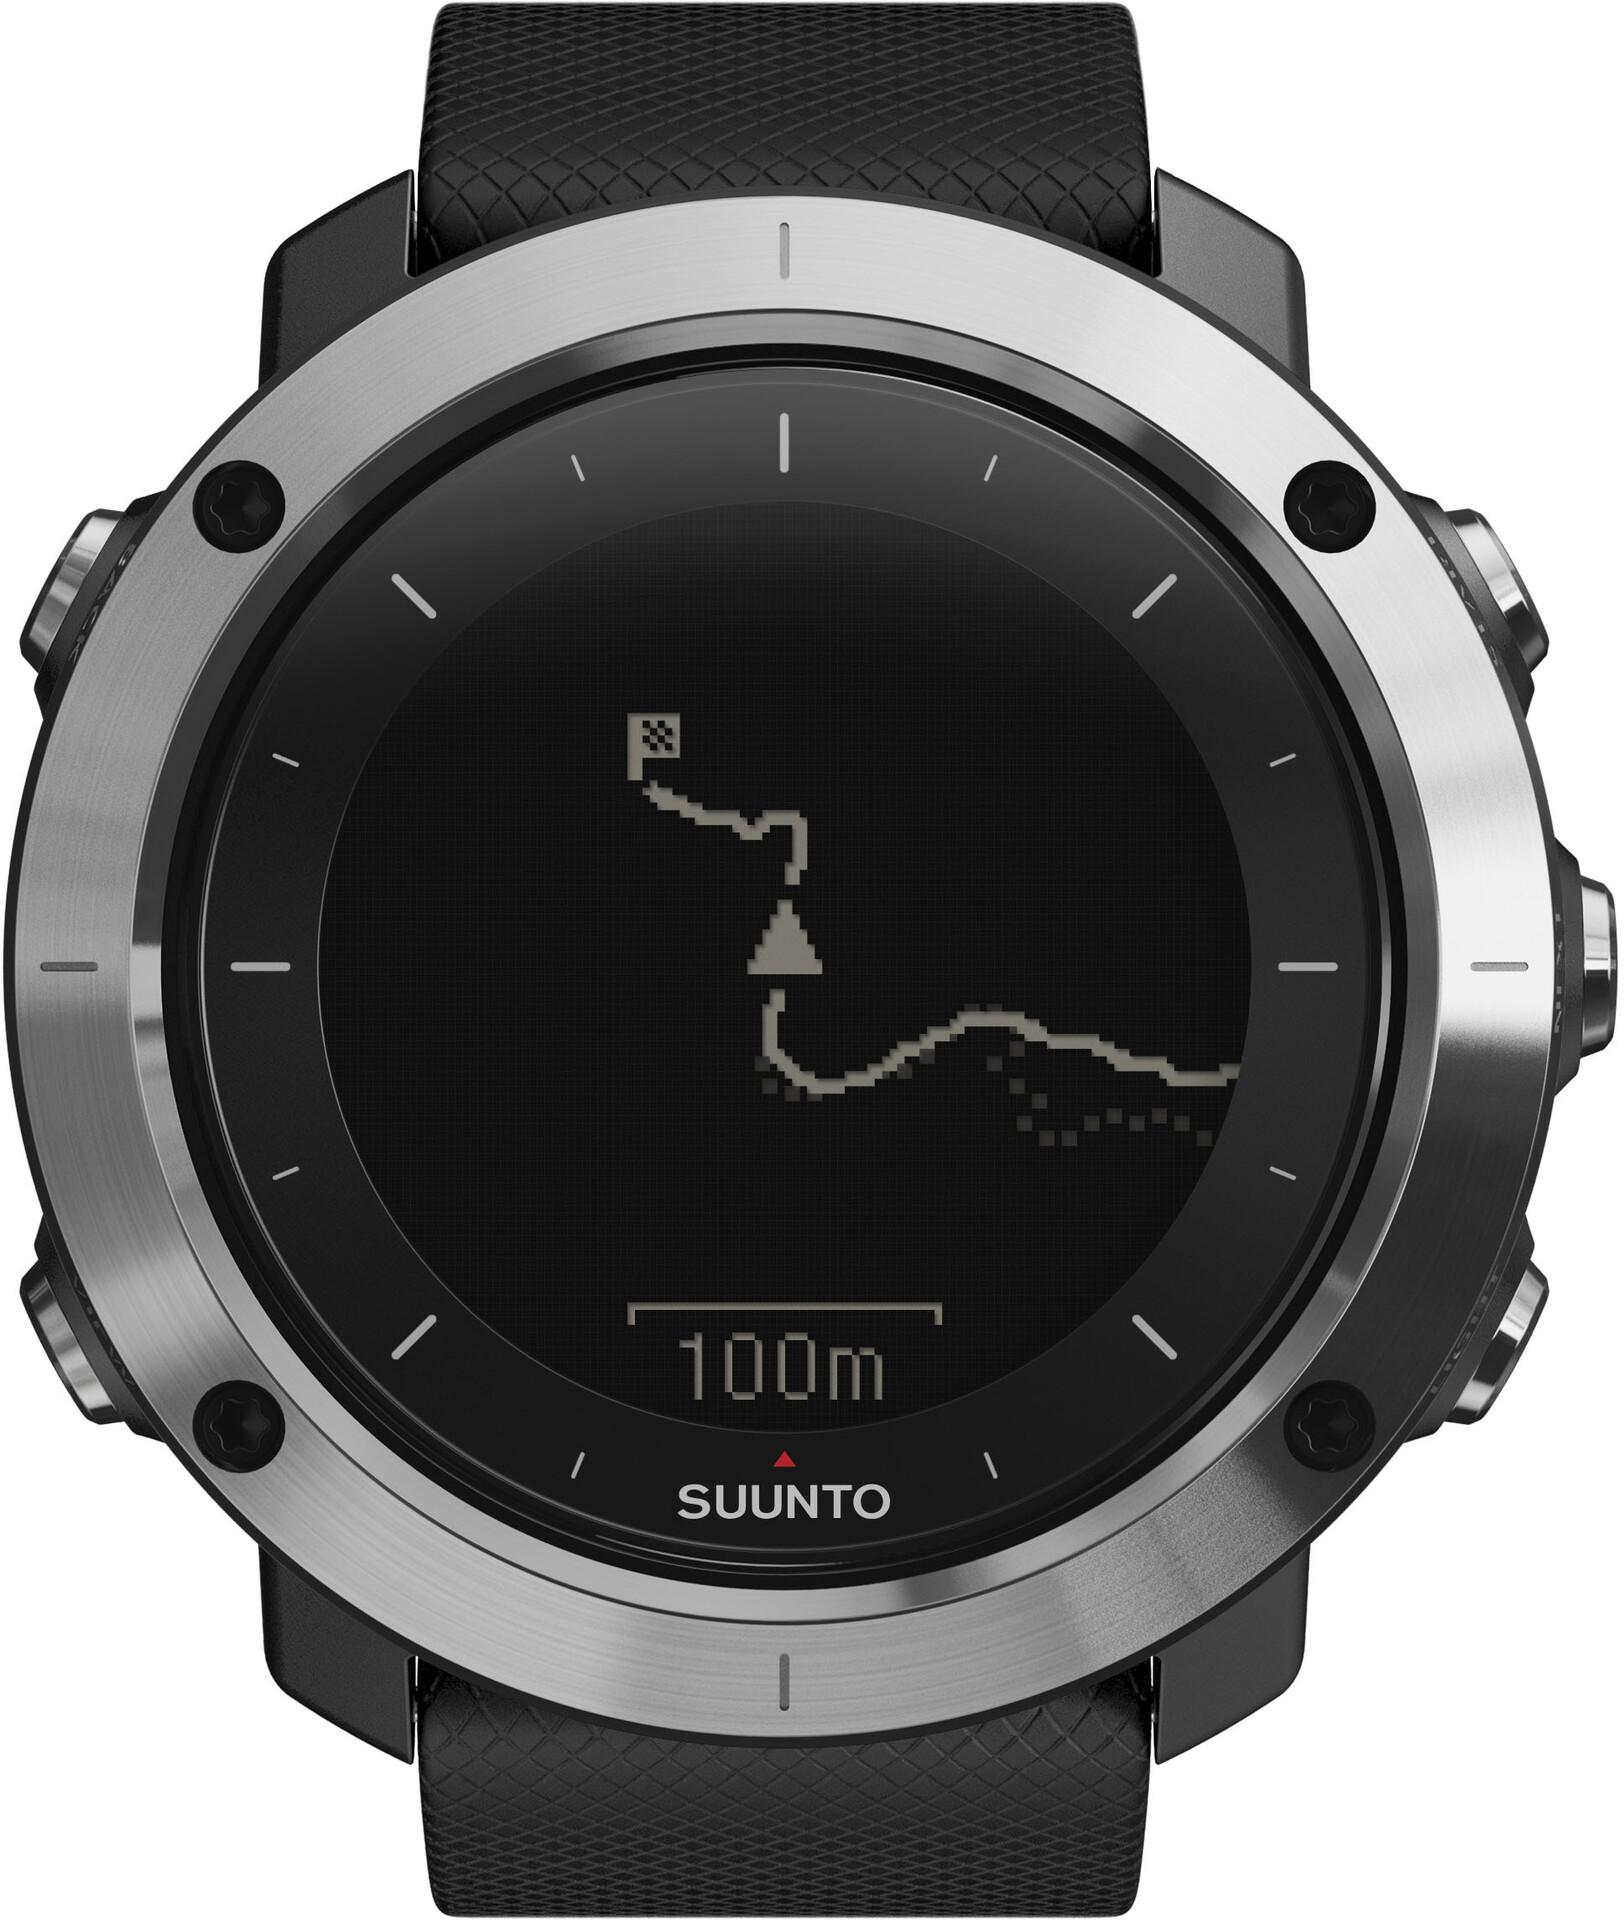 Suunto Traverse GPS Outdoor Watch black | campz.de